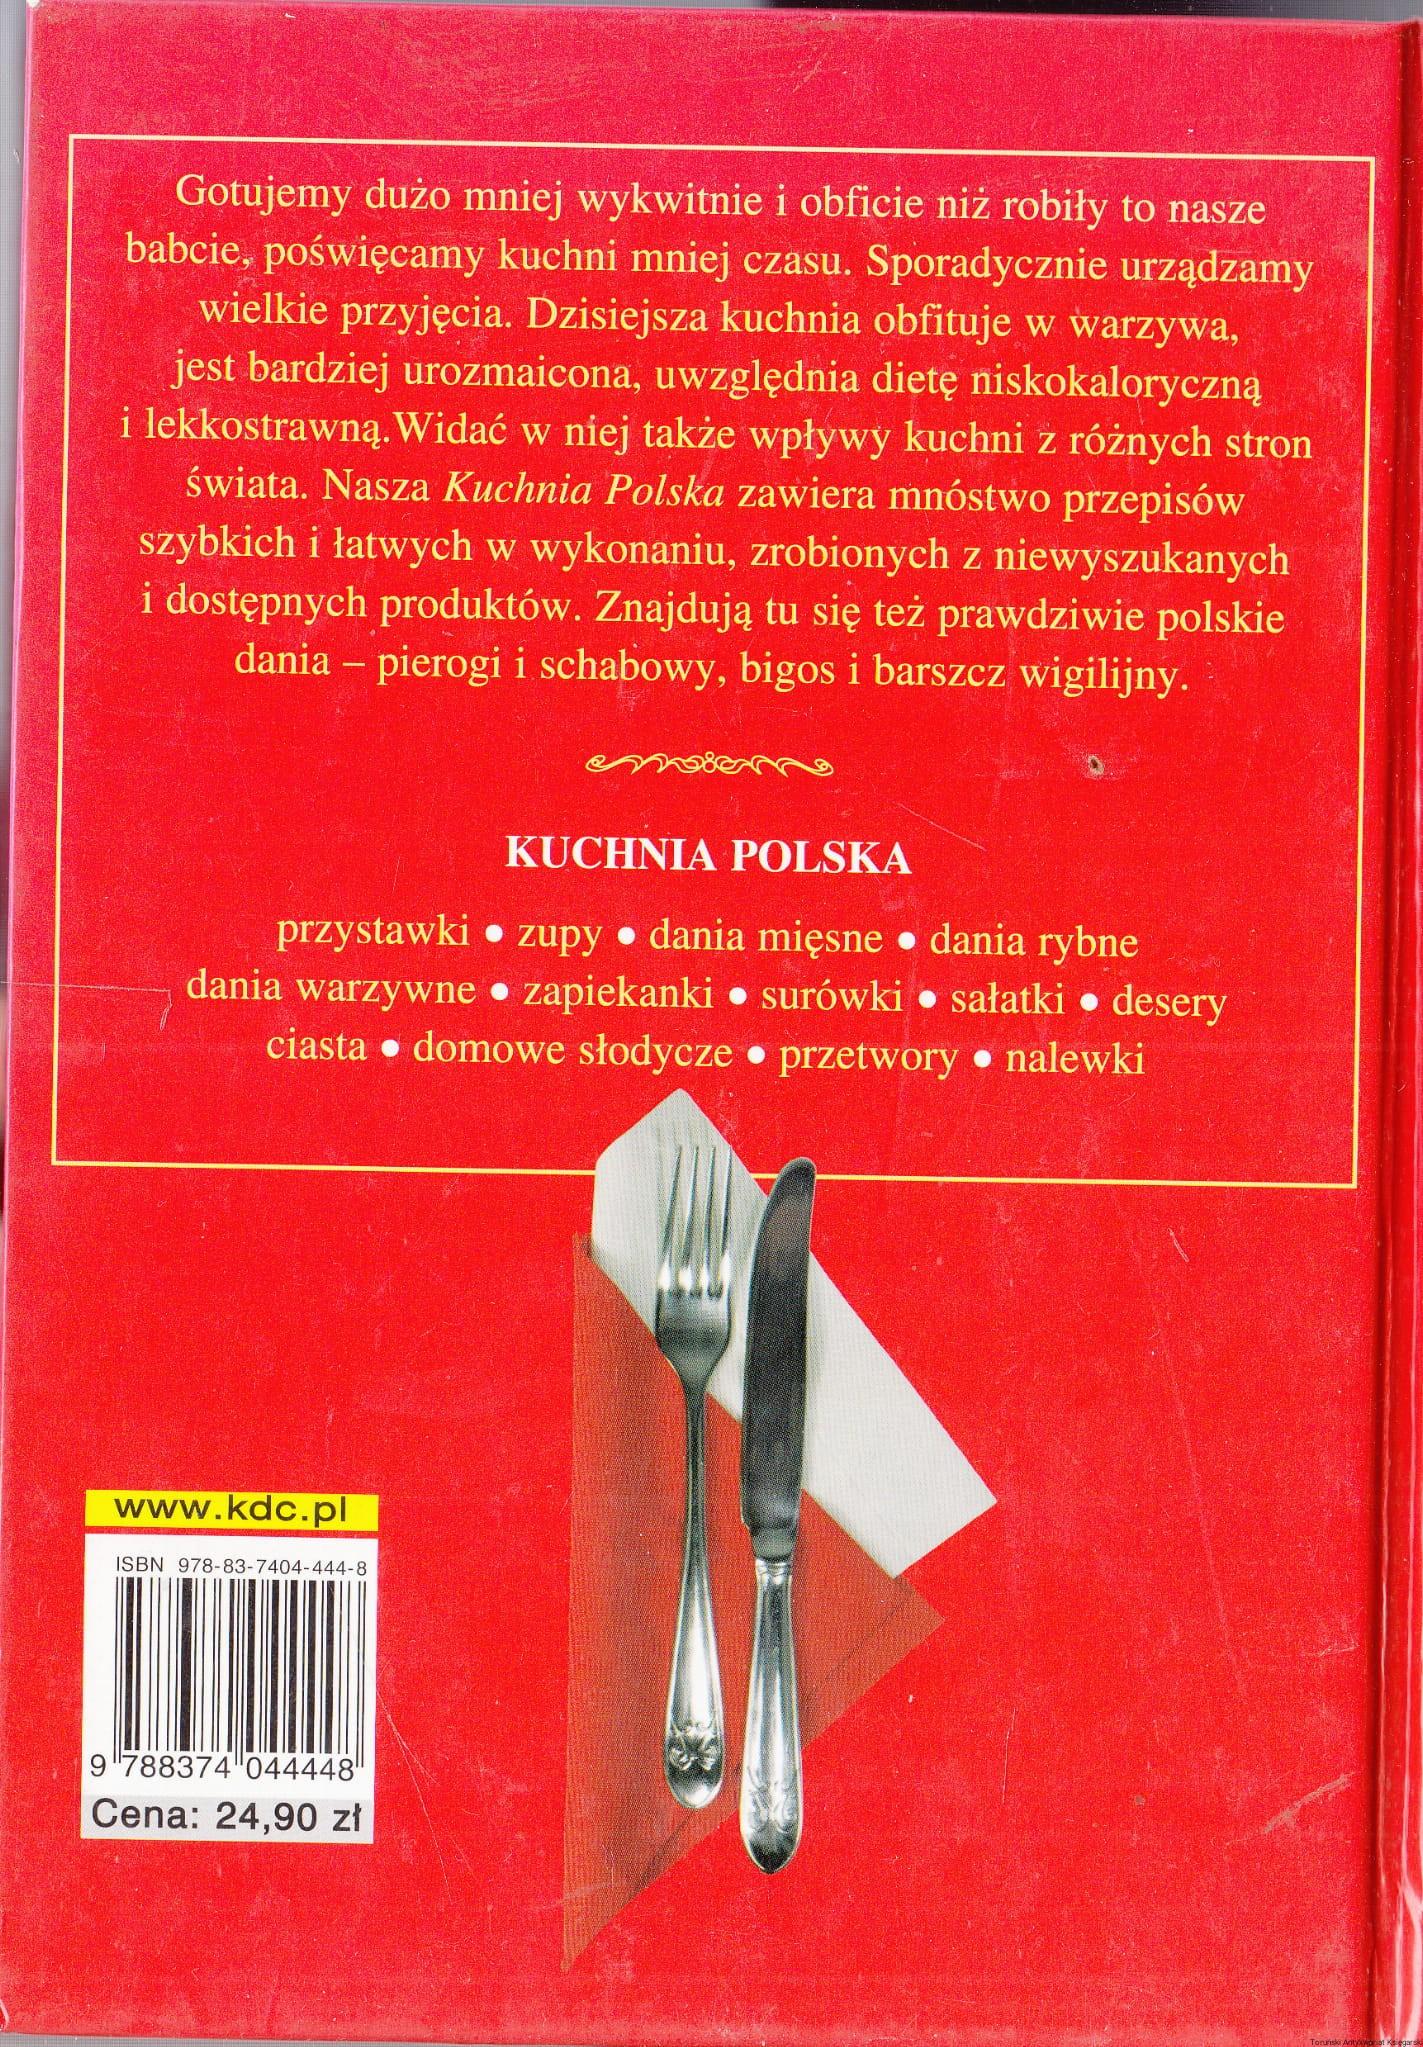 Kuchnia Polska 1500 Przepisów Małgorzata Caprari